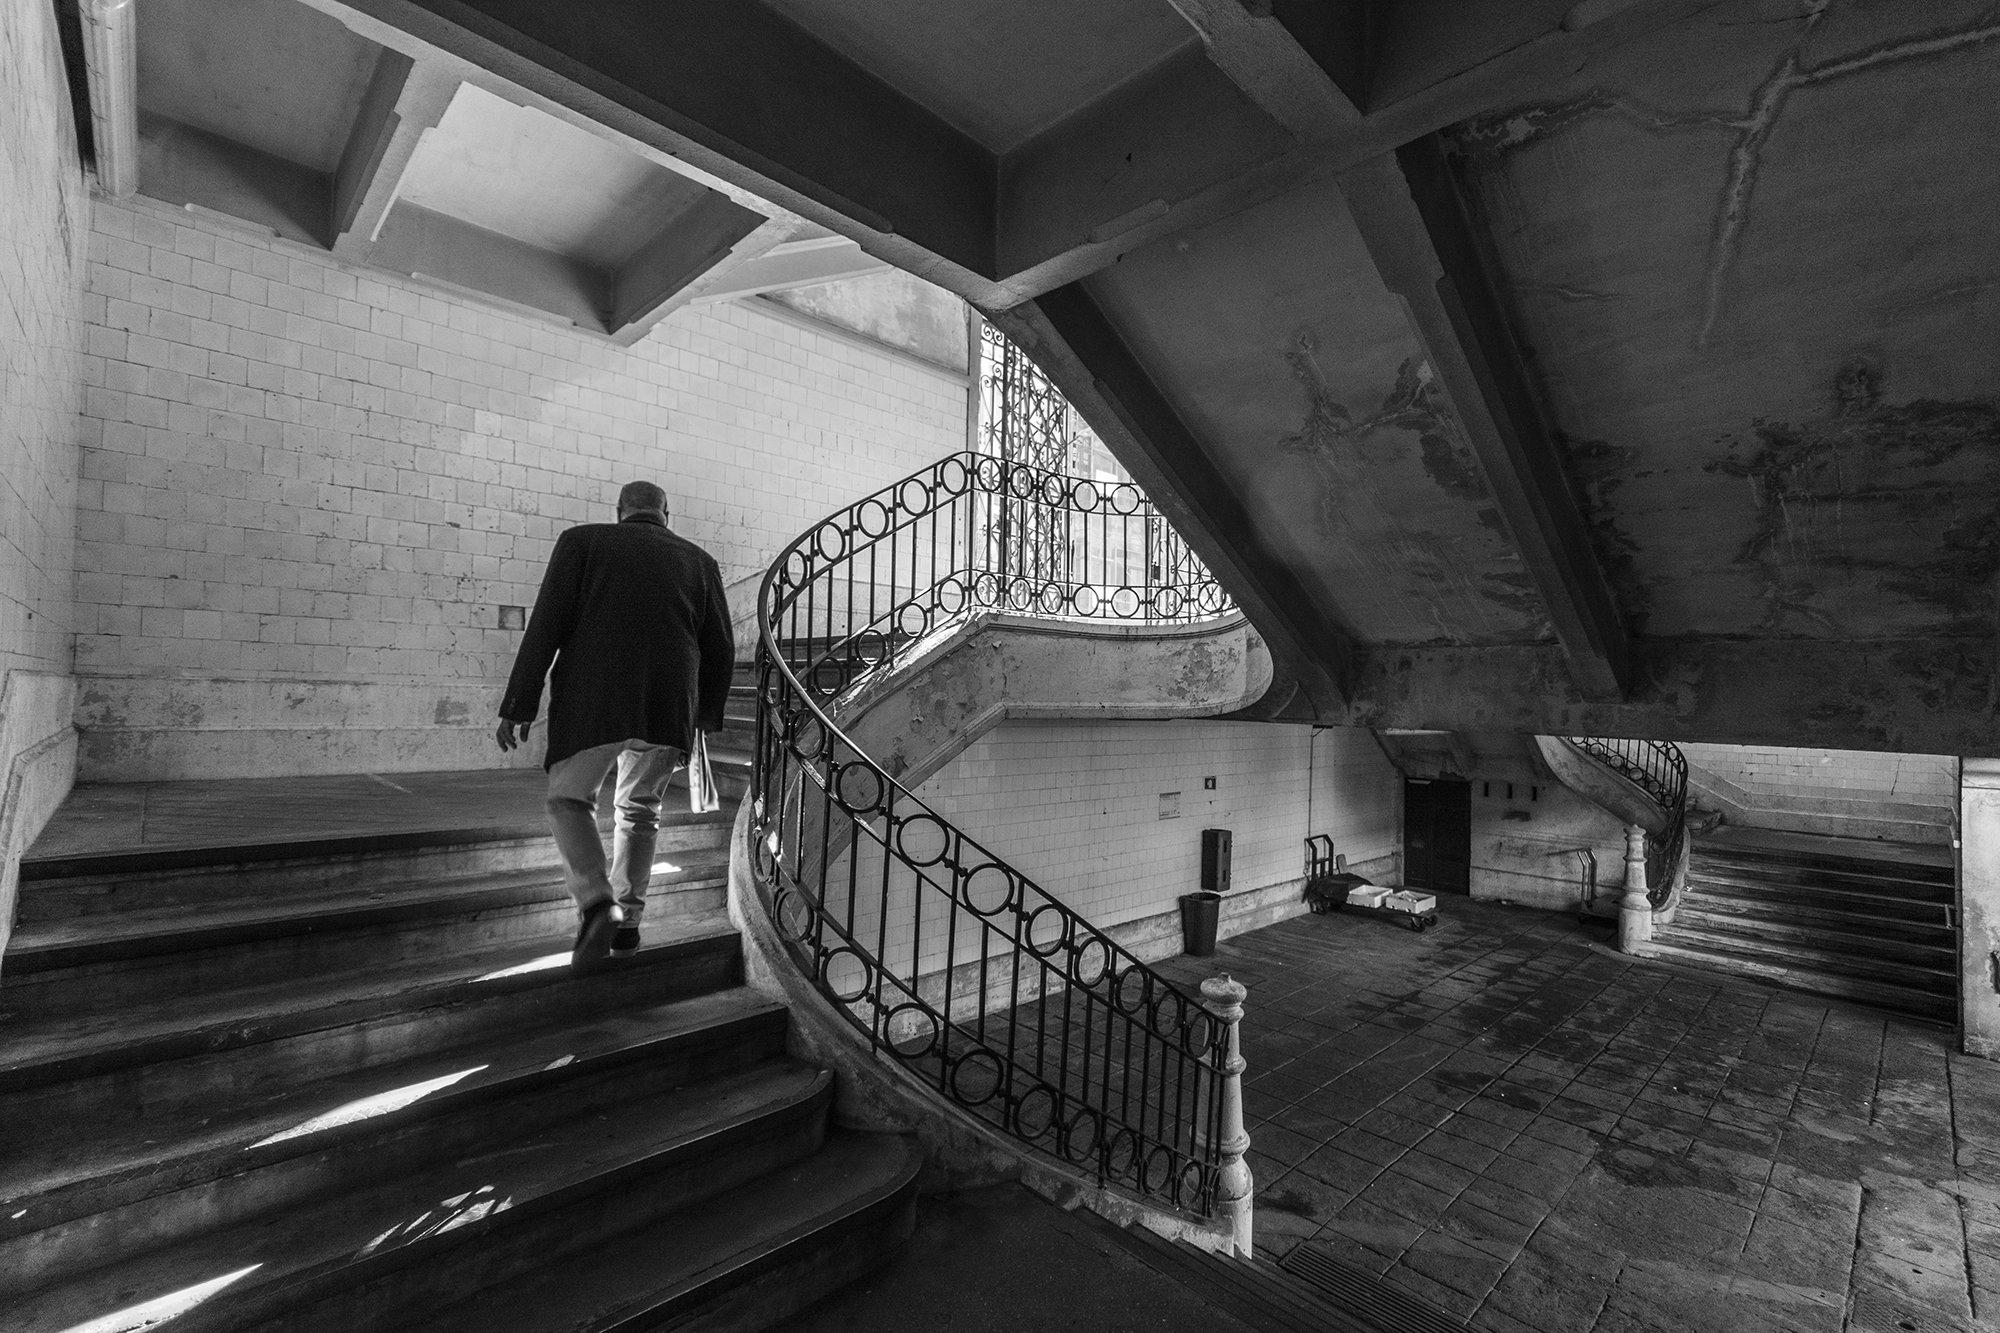 city, old, street, bnw, people, stairs, Antonio Bernardino